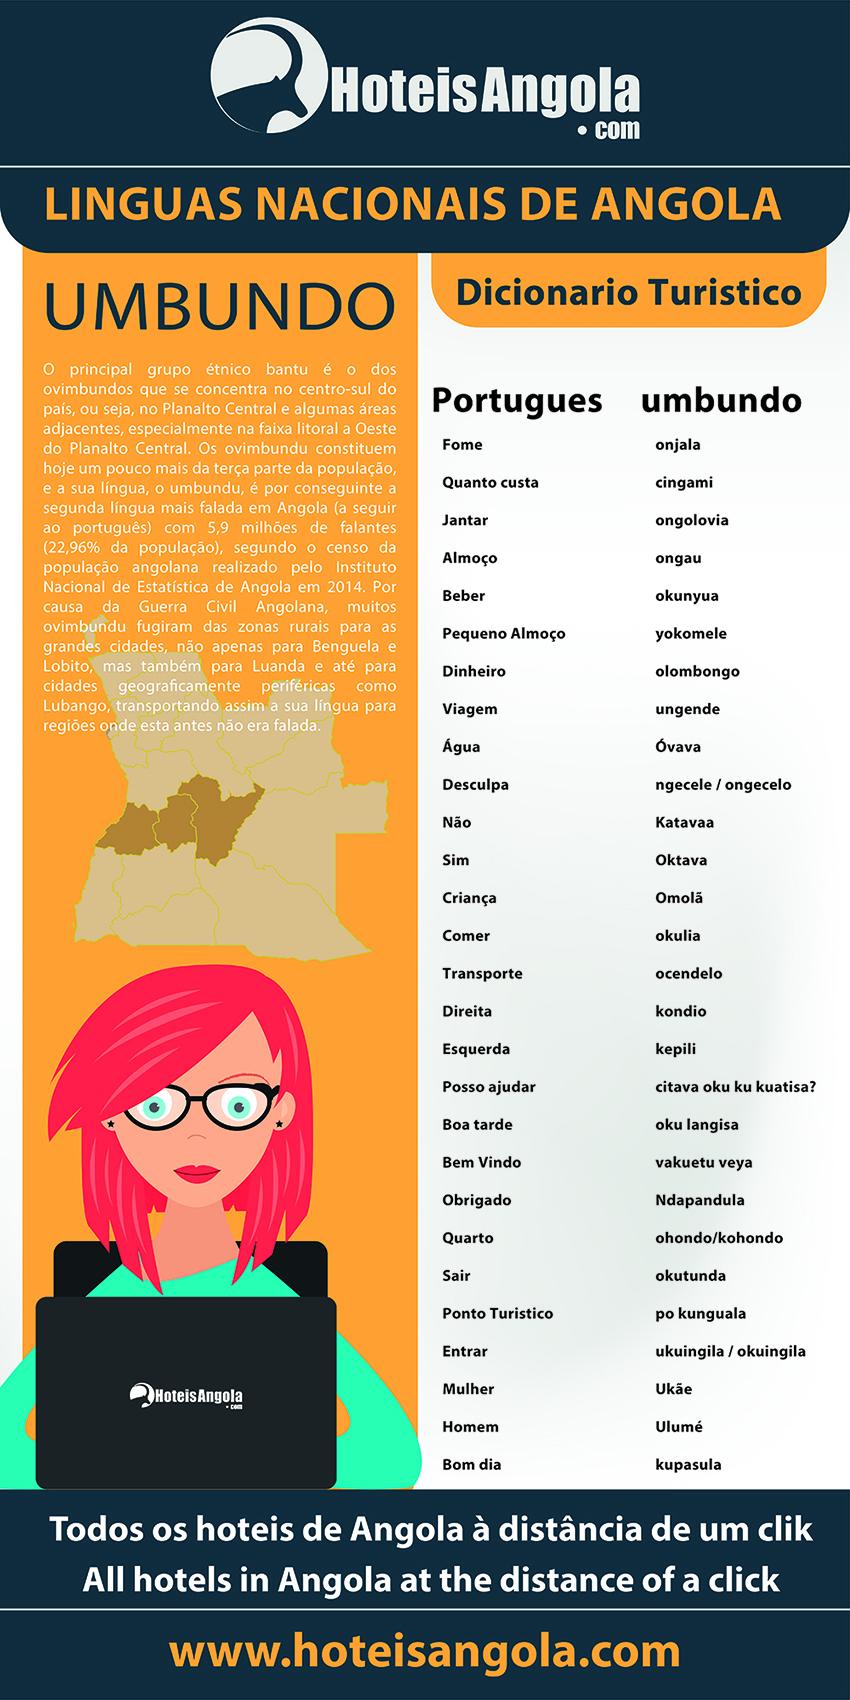 Dicionário Turistico Umbundo